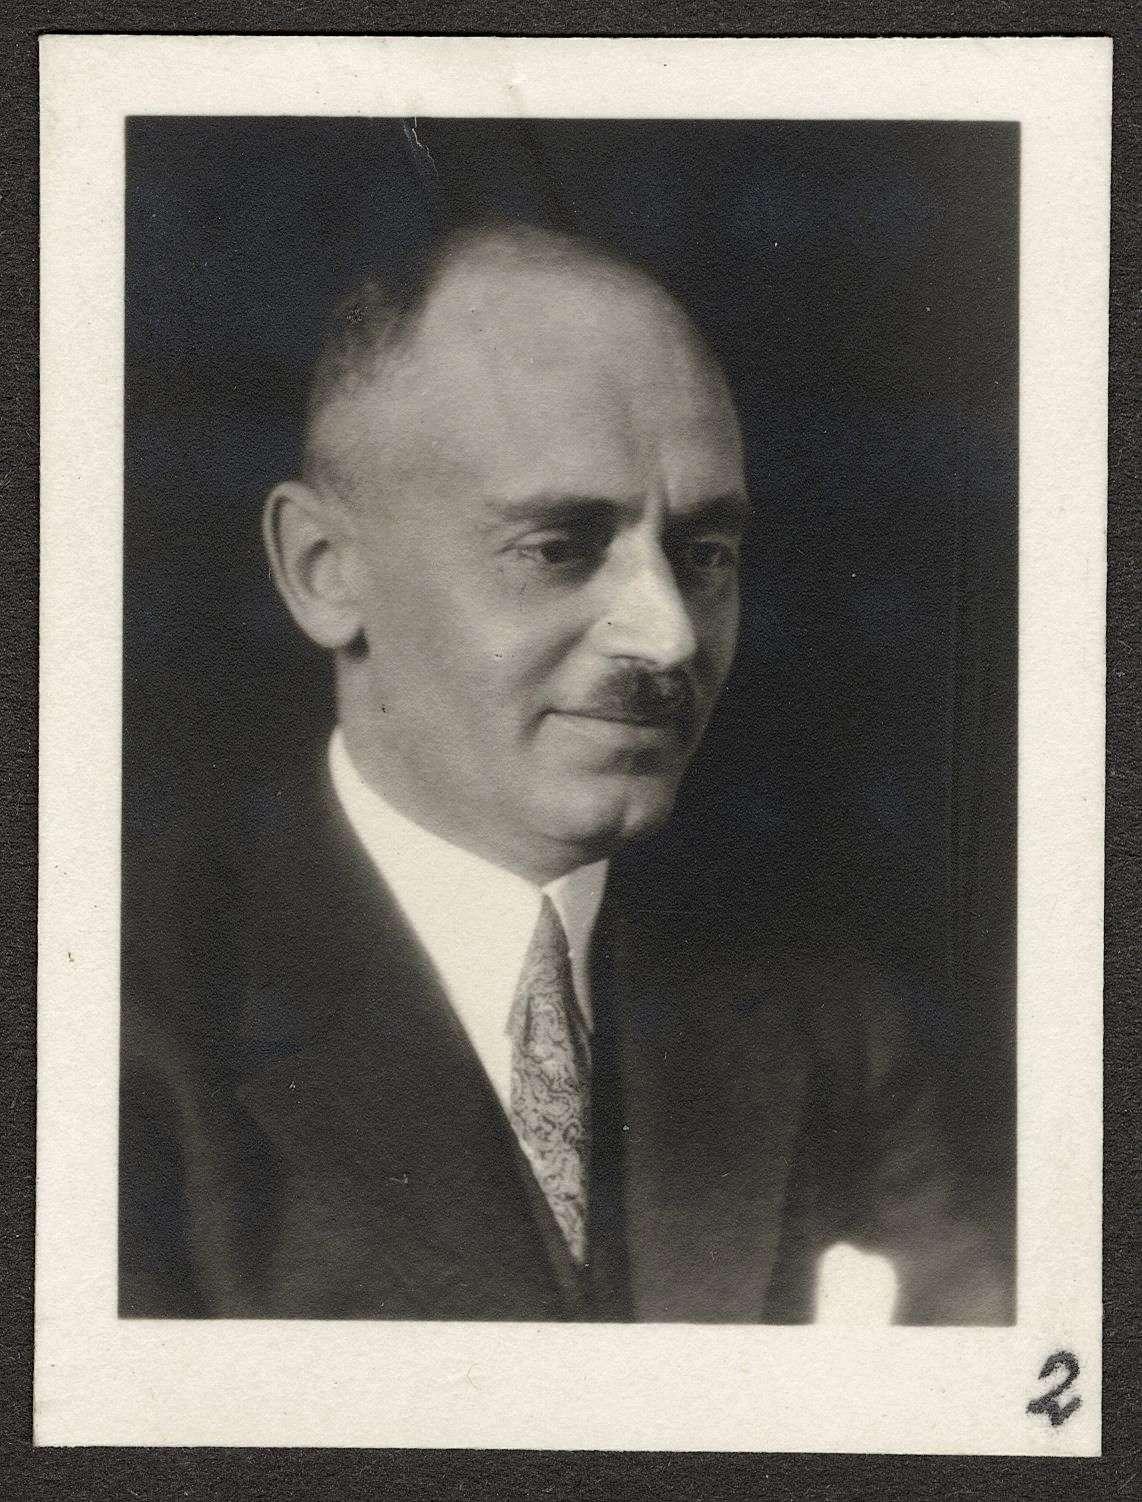 Hohner, Karl, Dr., Bild 1